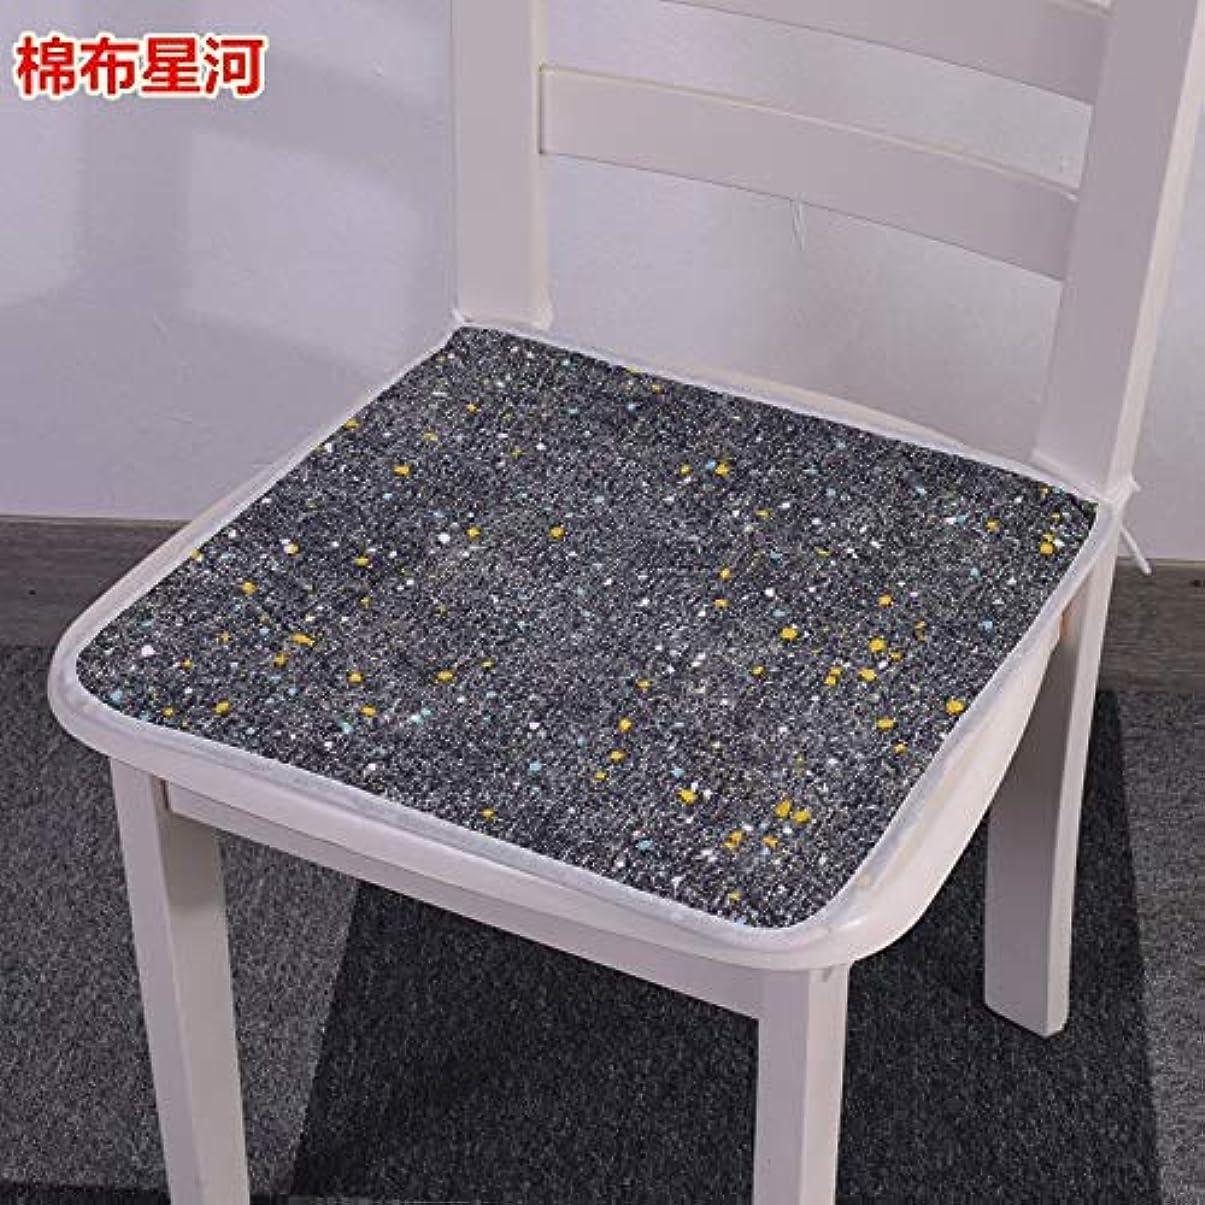 ハブブまっすぐにするペインLIFE 現代スーパーソフト椅子クッション非スリップシートクッションマットソファホームデコレーションバッククッションチェアパッド 40*40/45*45/50*50 センチメートル クッション 椅子